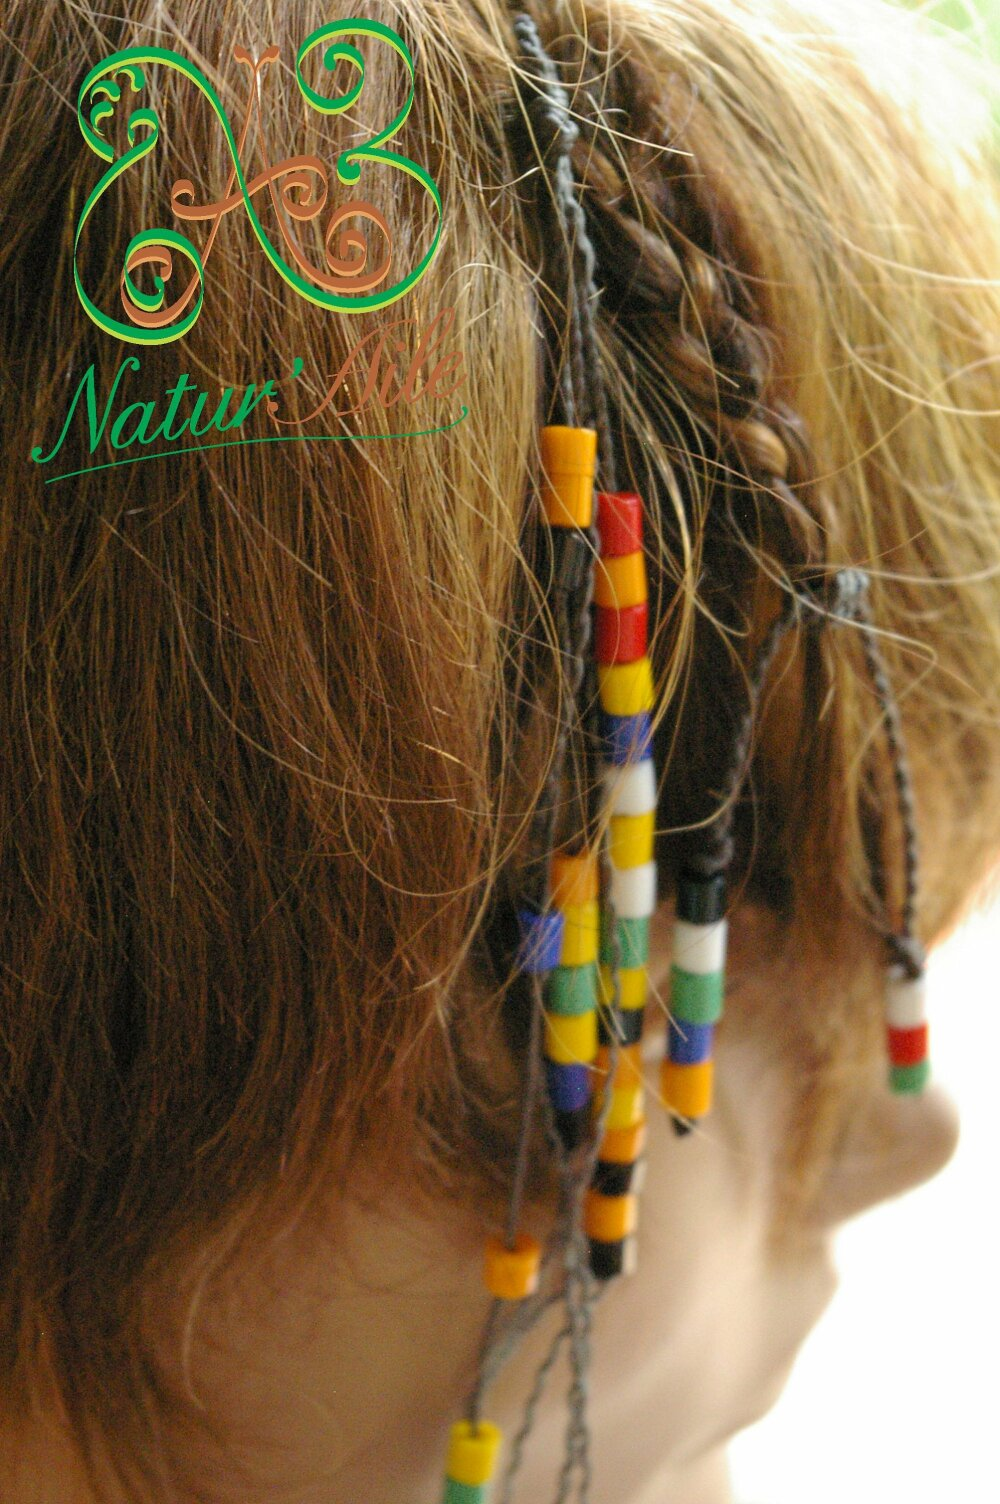 Natte Maïta perles multicolor et fils gris,#Dreads# atebas#BOHO #Macramé#BIJOUX#Cheveux#Unique#tresse#Amour#Accessoires de coiffur